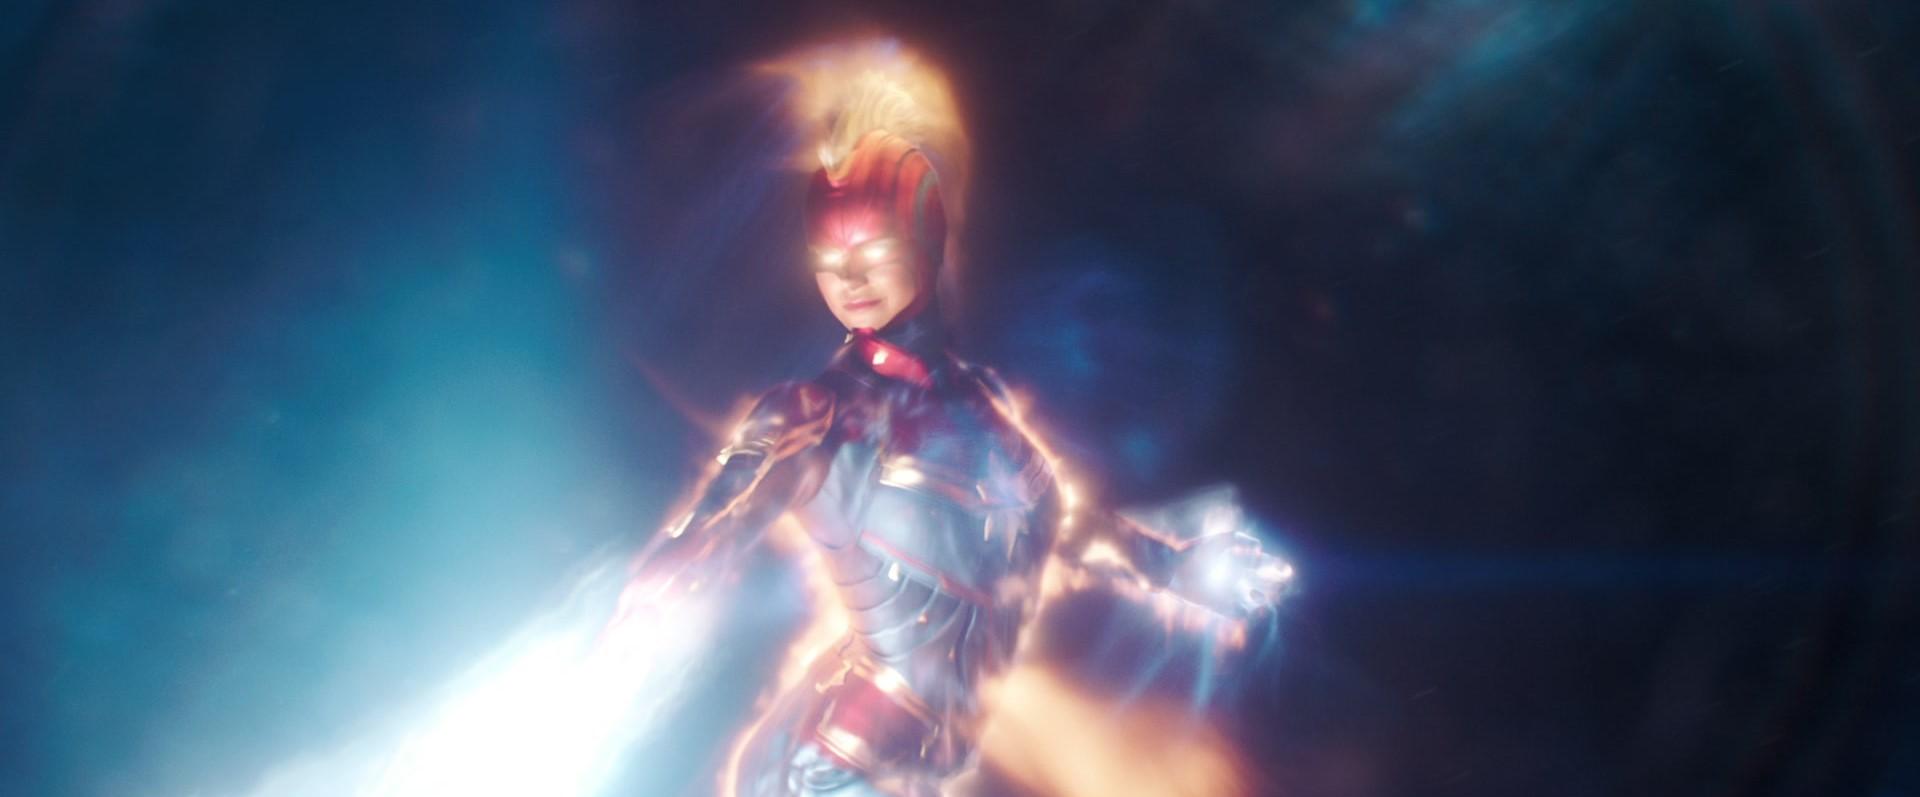 Fan Việt sôi sục khi Đại úy Marvel hé lộ tin nóng liên quan đến ngày chiếu tại Việt Nam - Ảnh 3.